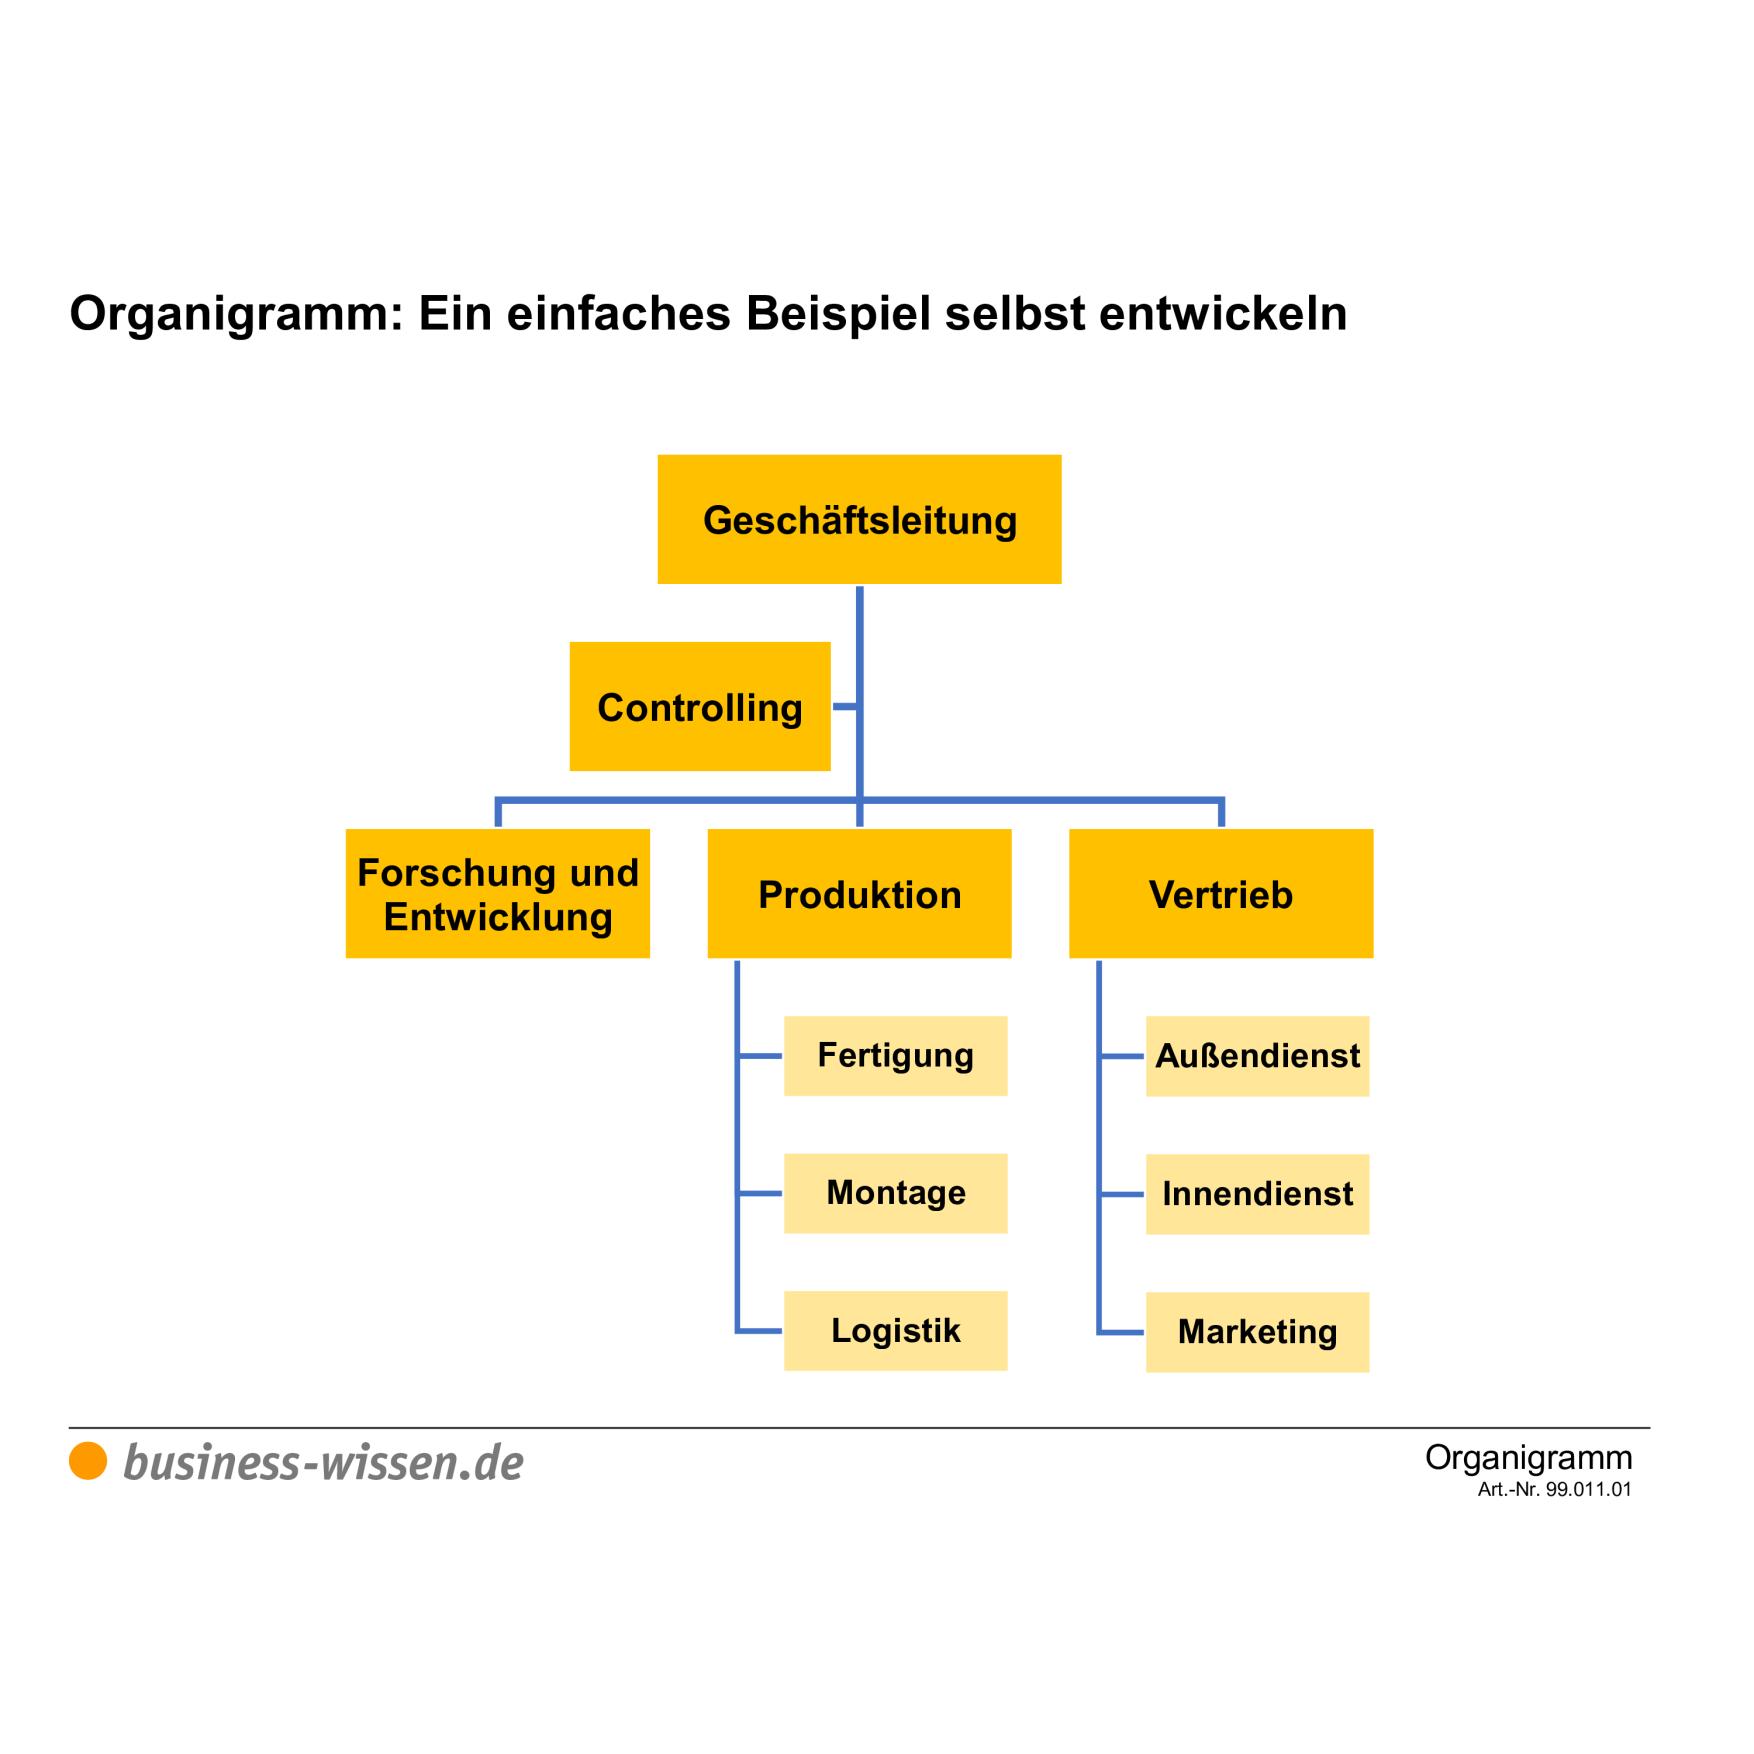 Ein Einfaches Organigramm Selbst Entwickeln Vorlage Business Wissen De